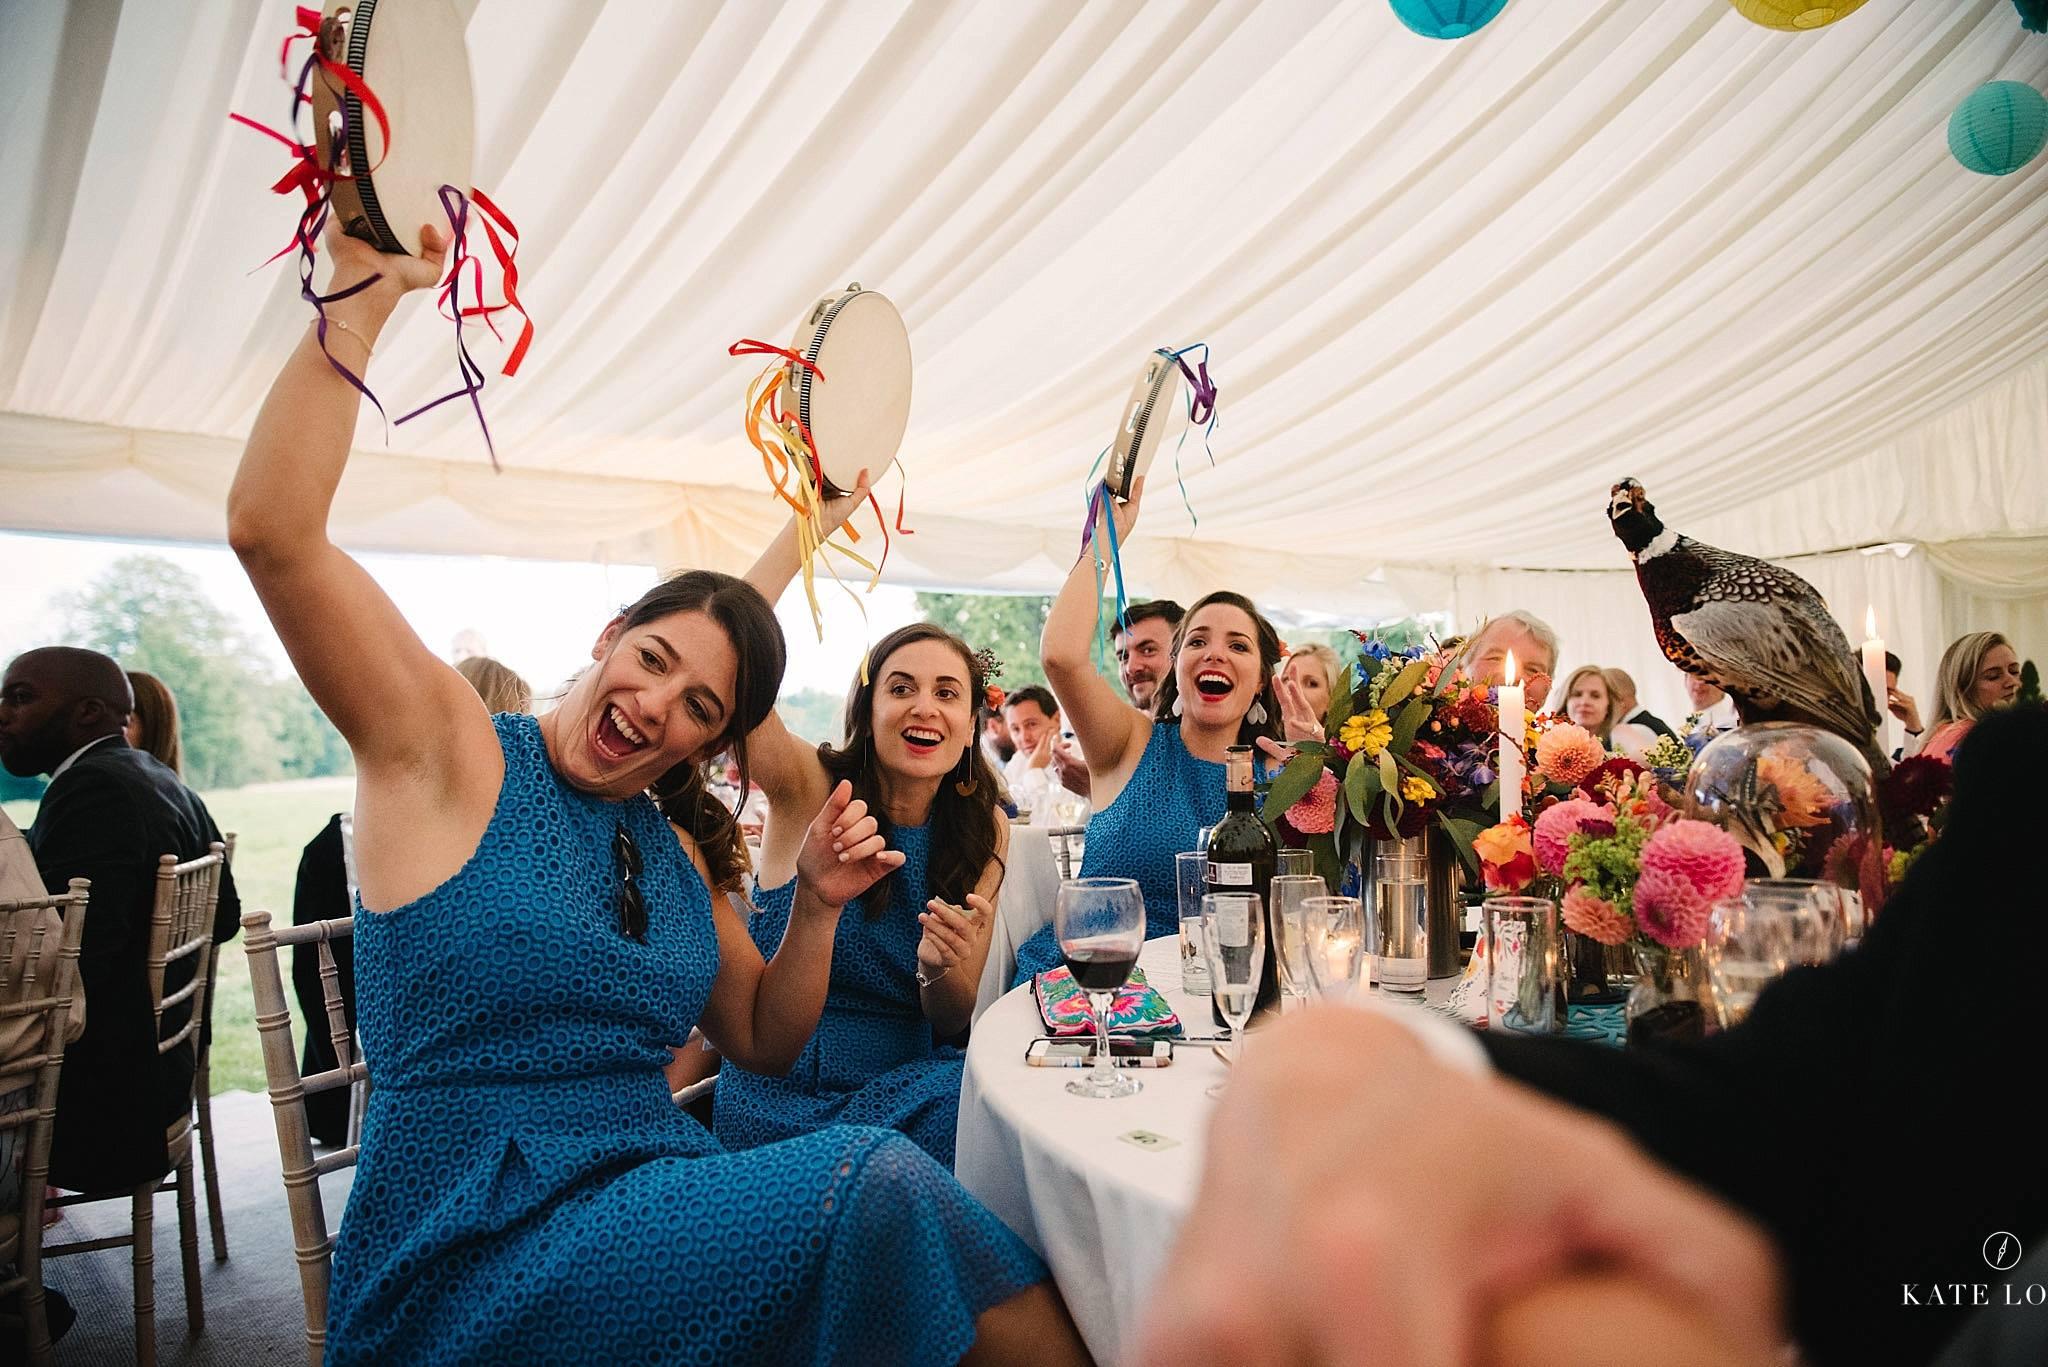 färgglada tamburiner under bröllopsmiddagen på engelskt bröllop i Surrey